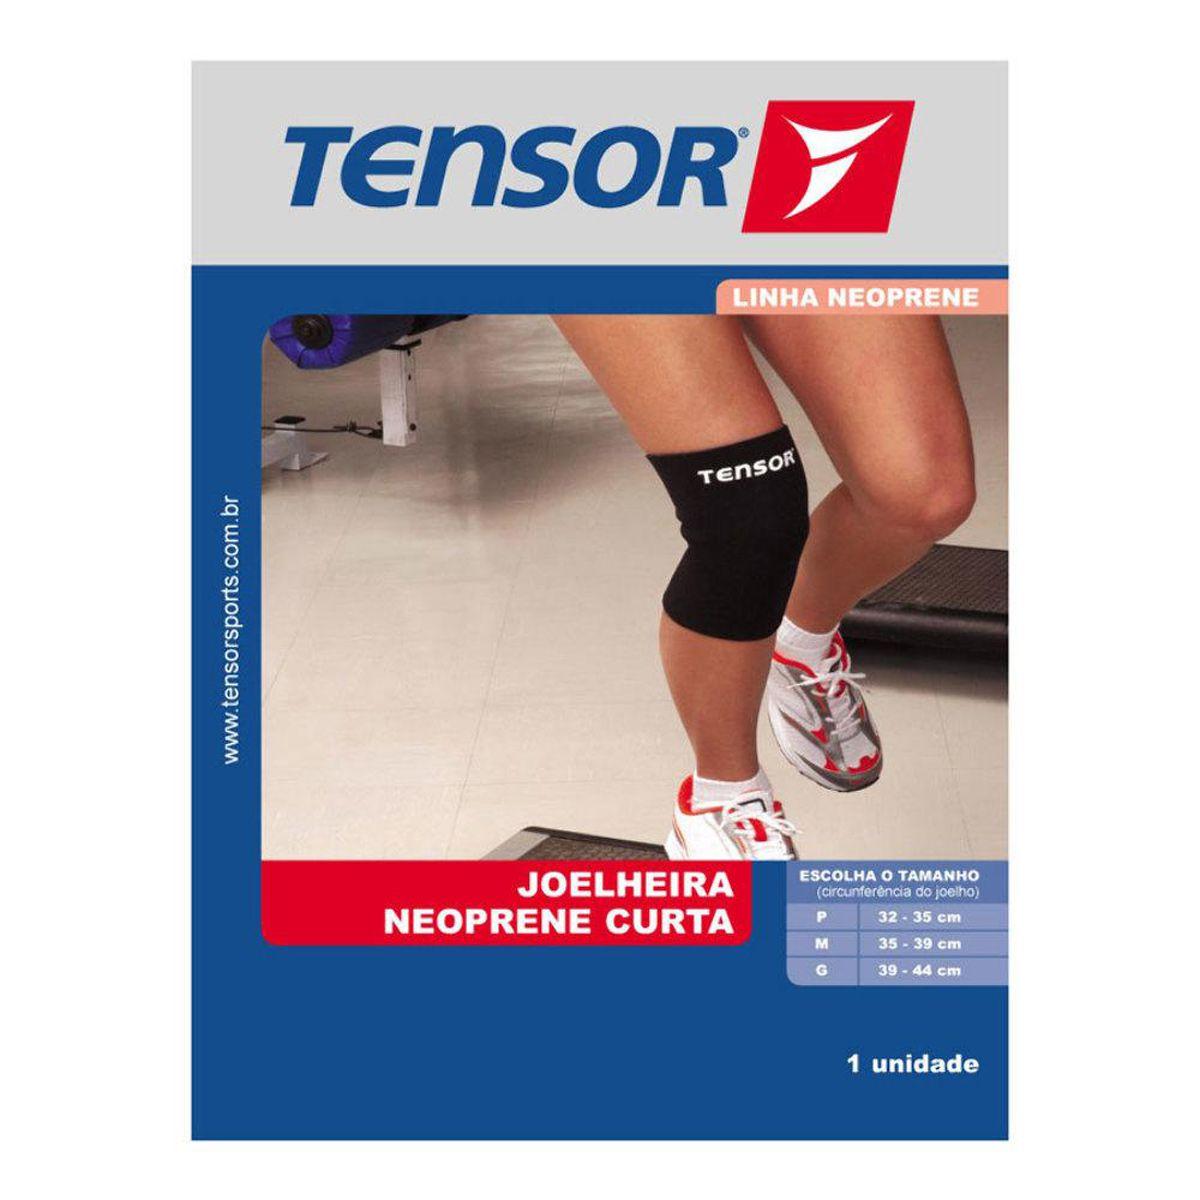 Joelheira Neoprene Curta Tensor - 8011